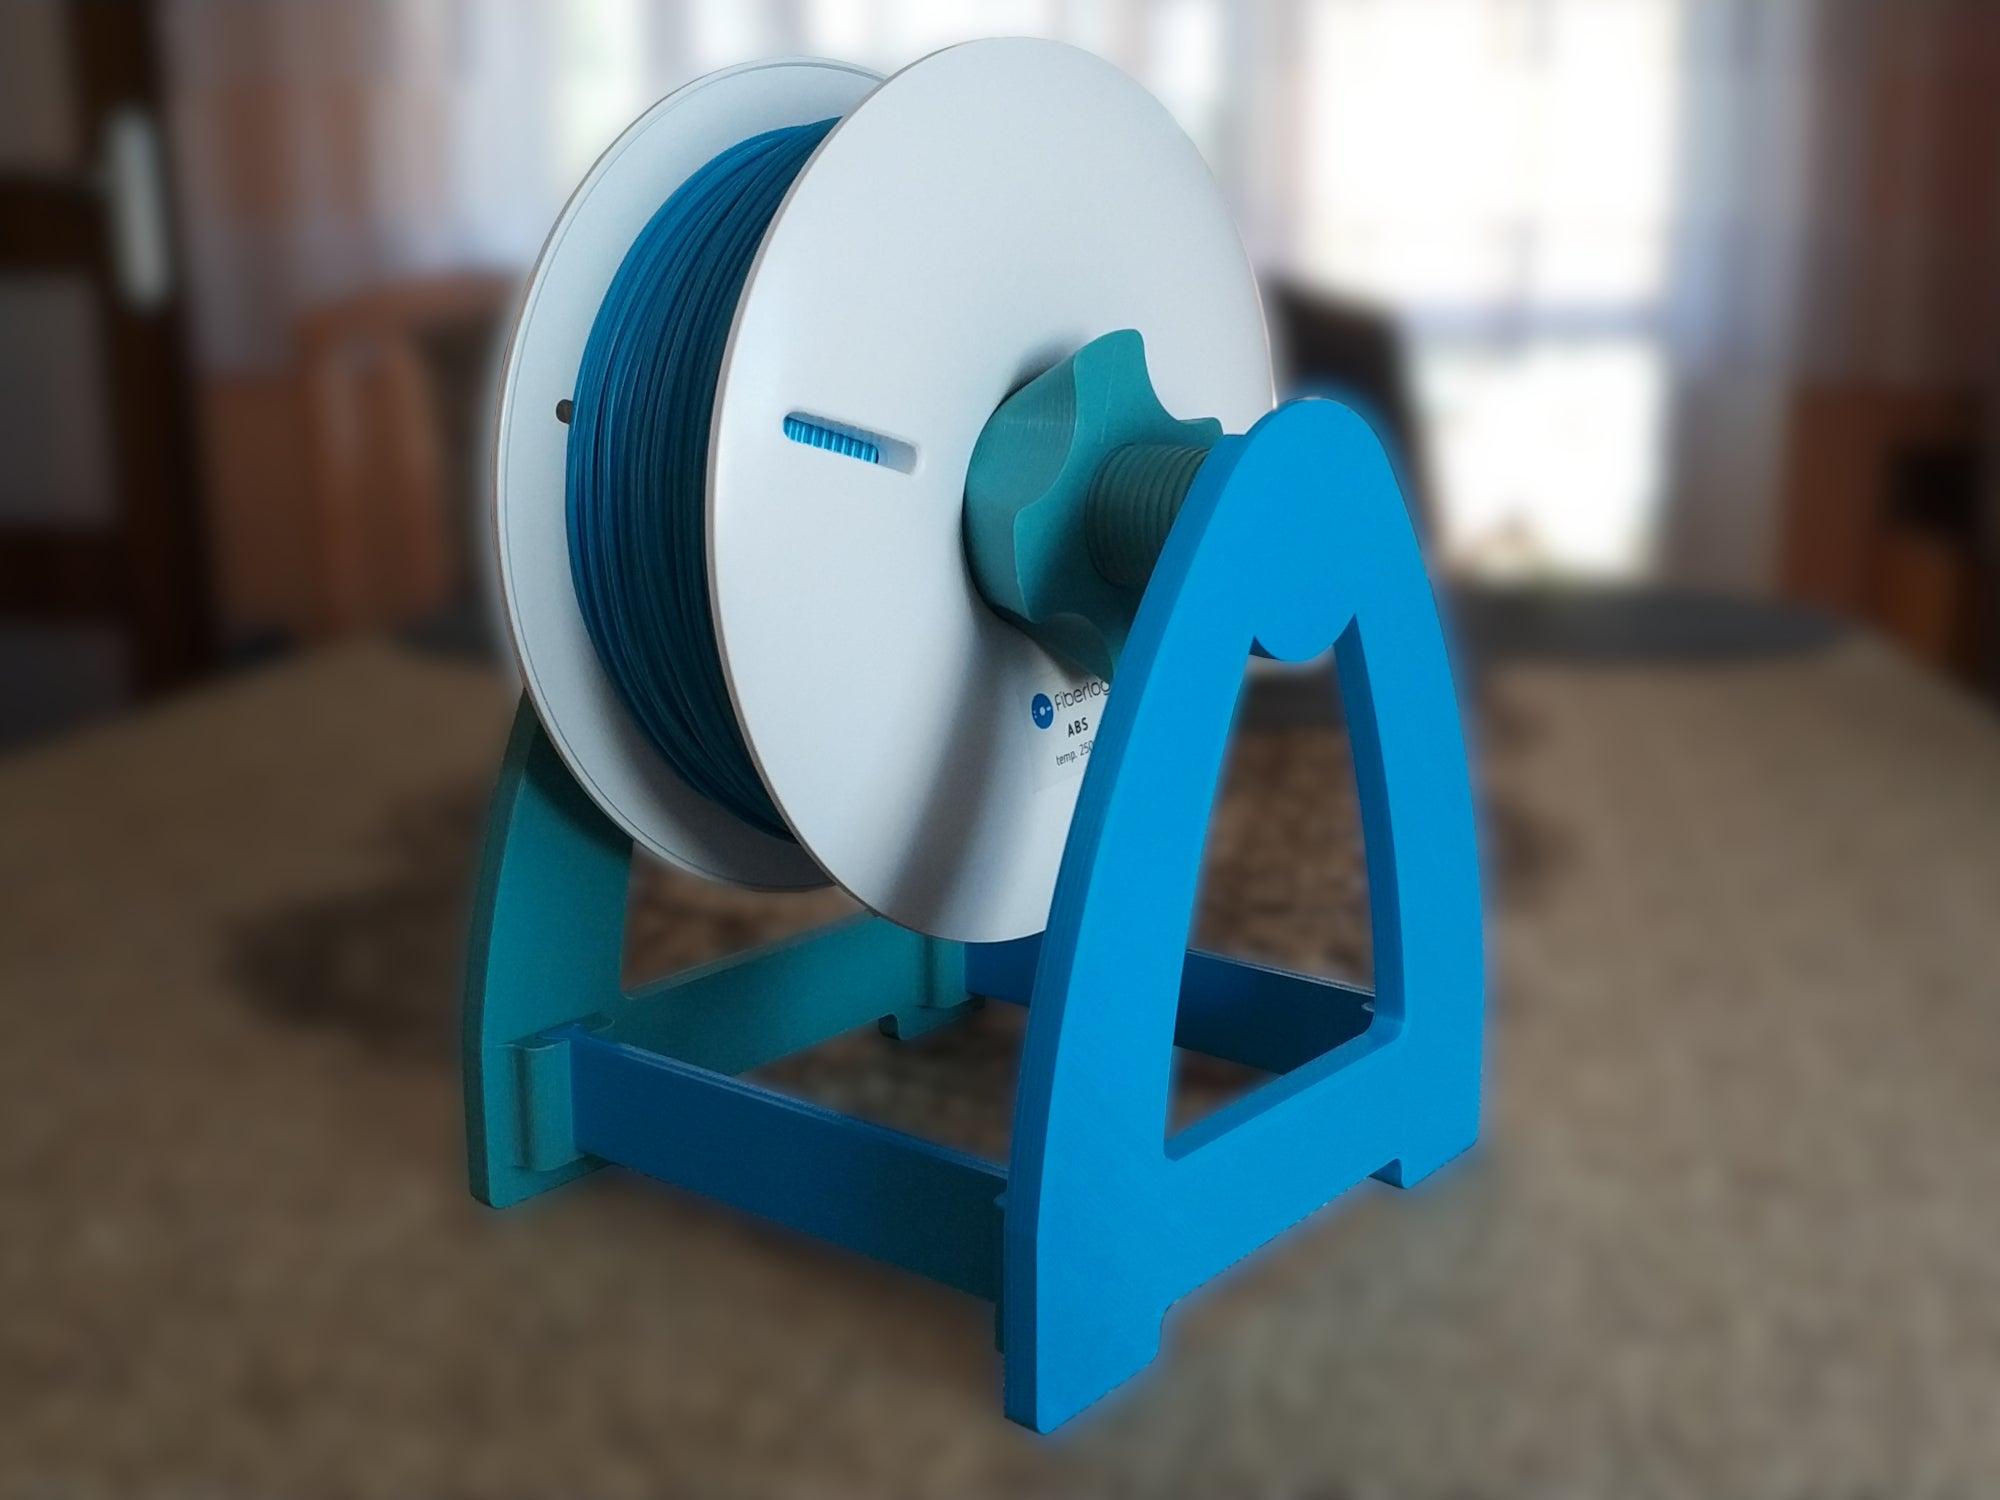 Spoolholder1111.jpg Télécharger fichier STL gratuit Support de bobine • Design pour imprimante 3D, pawlo444444